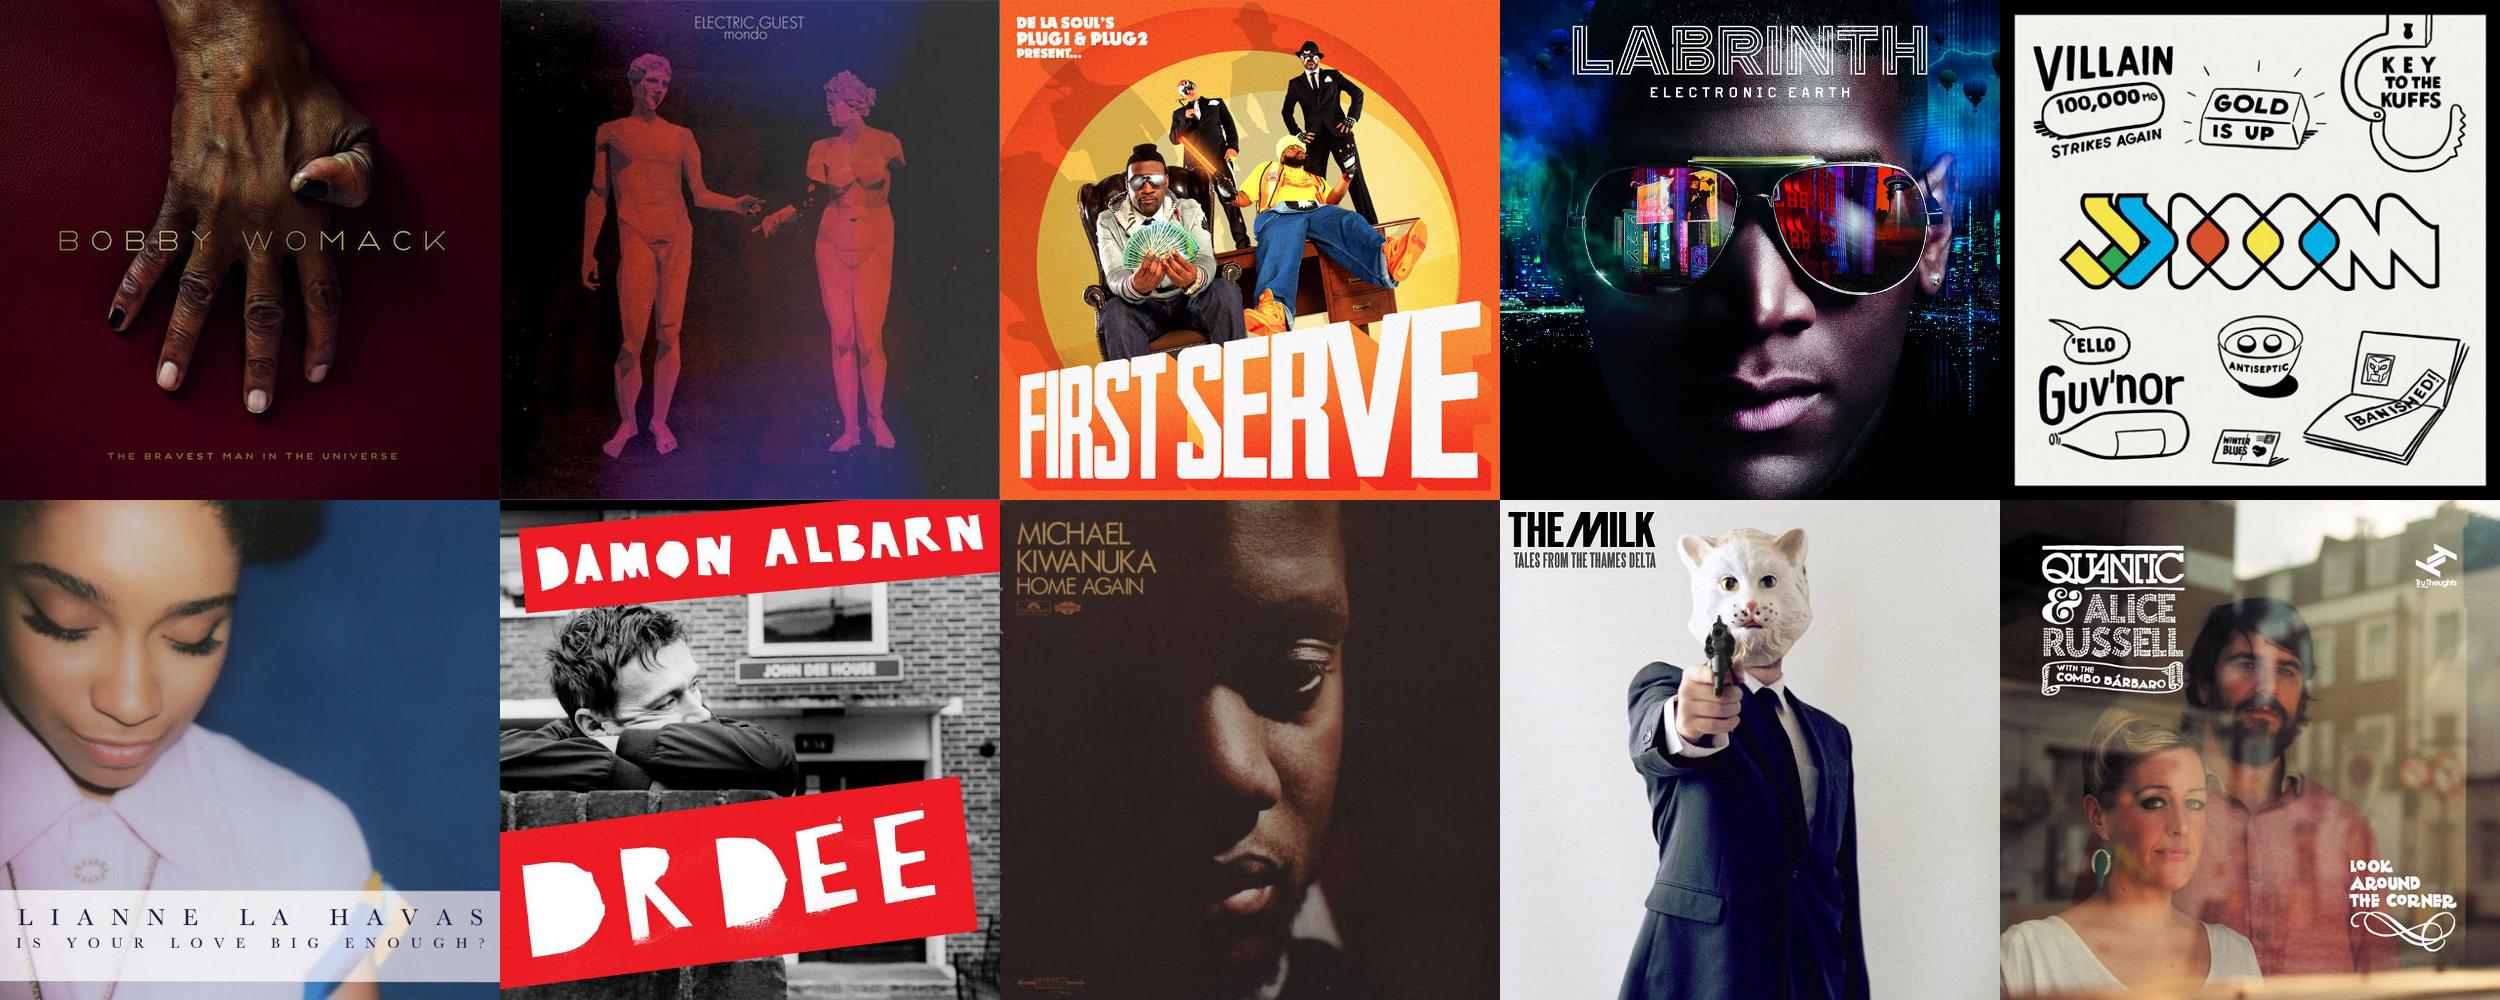 Aaron's albums of 2012, 2500x1000